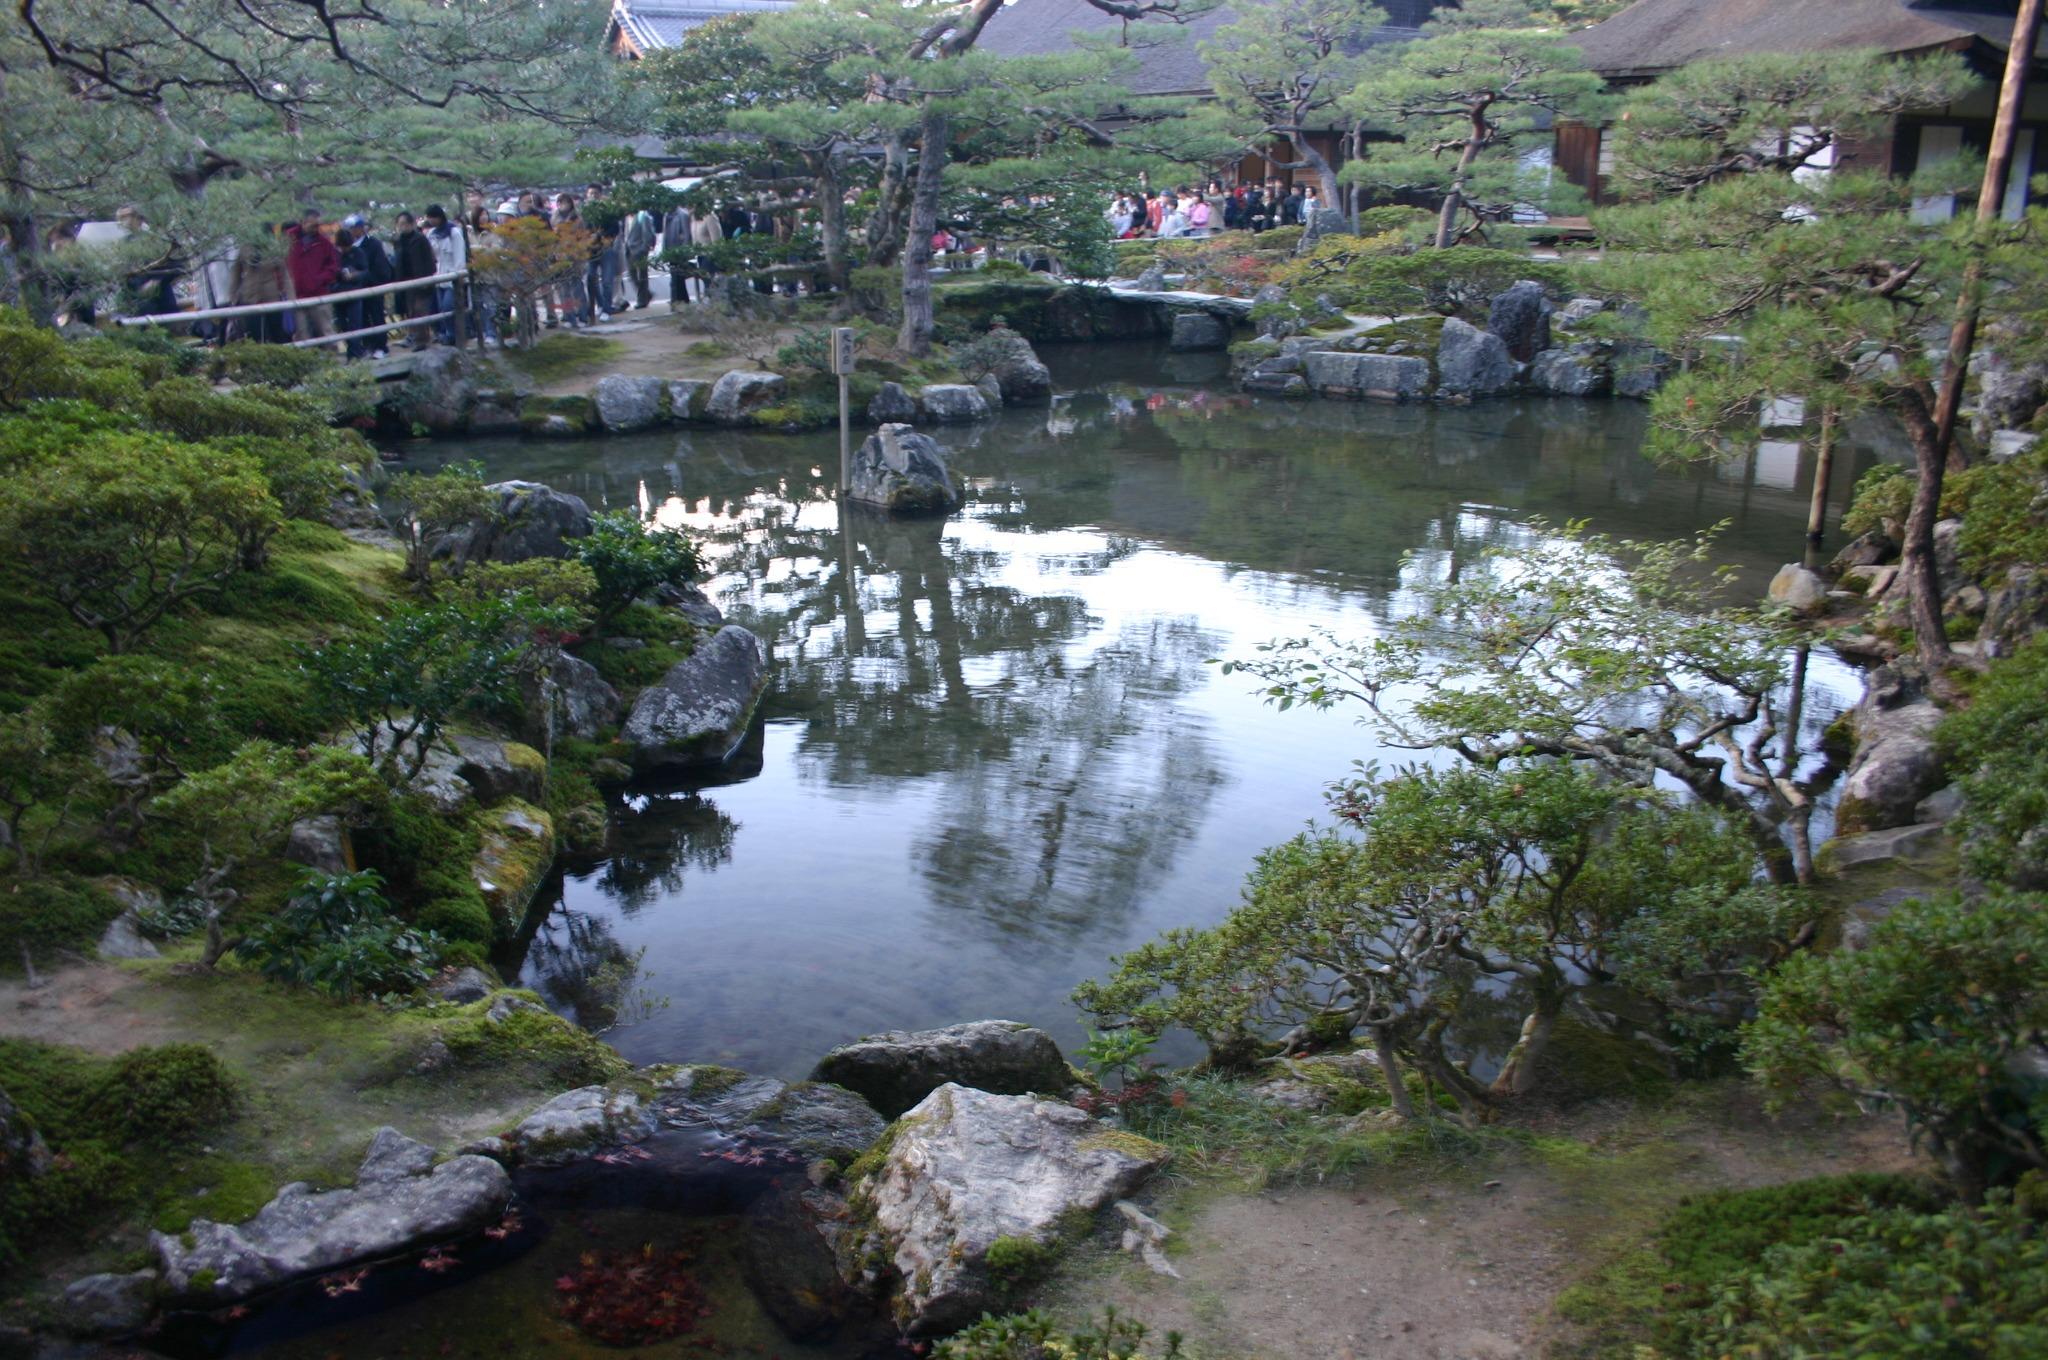 銀閣寺(東山慈照寺)の池